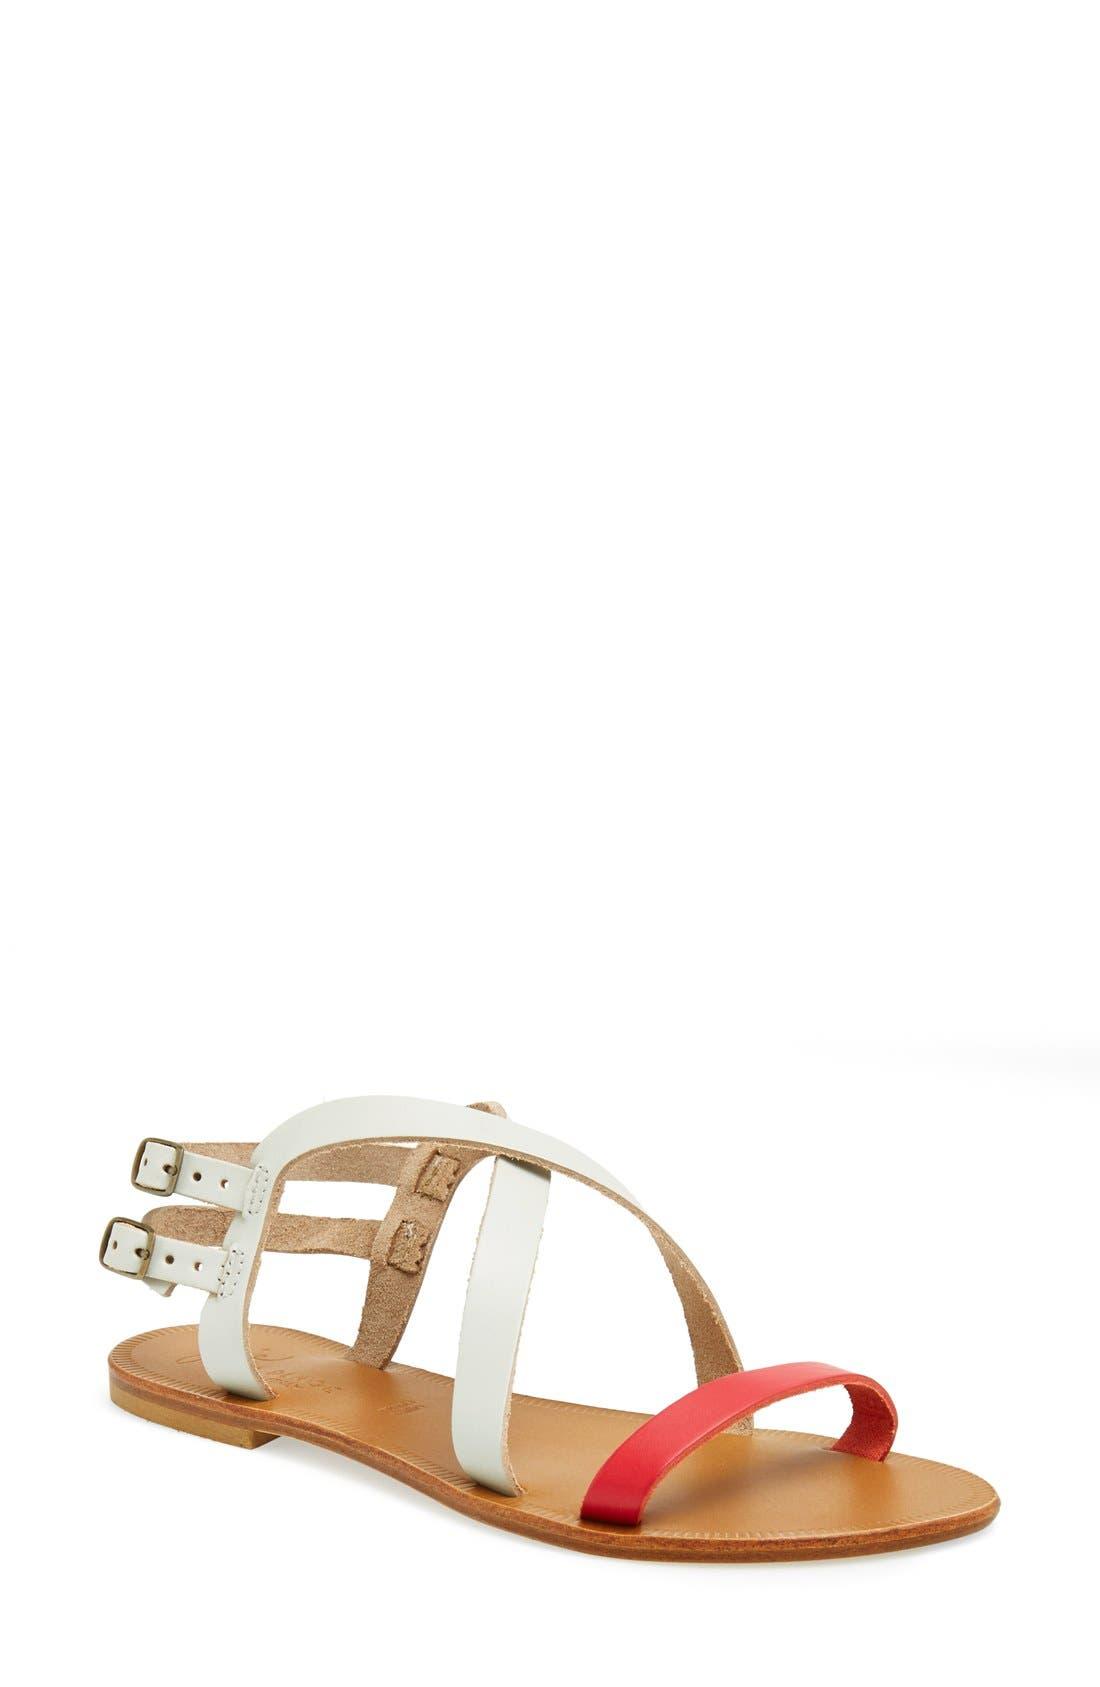 Main Image - Joie 'Socoa' Sandal (Women)